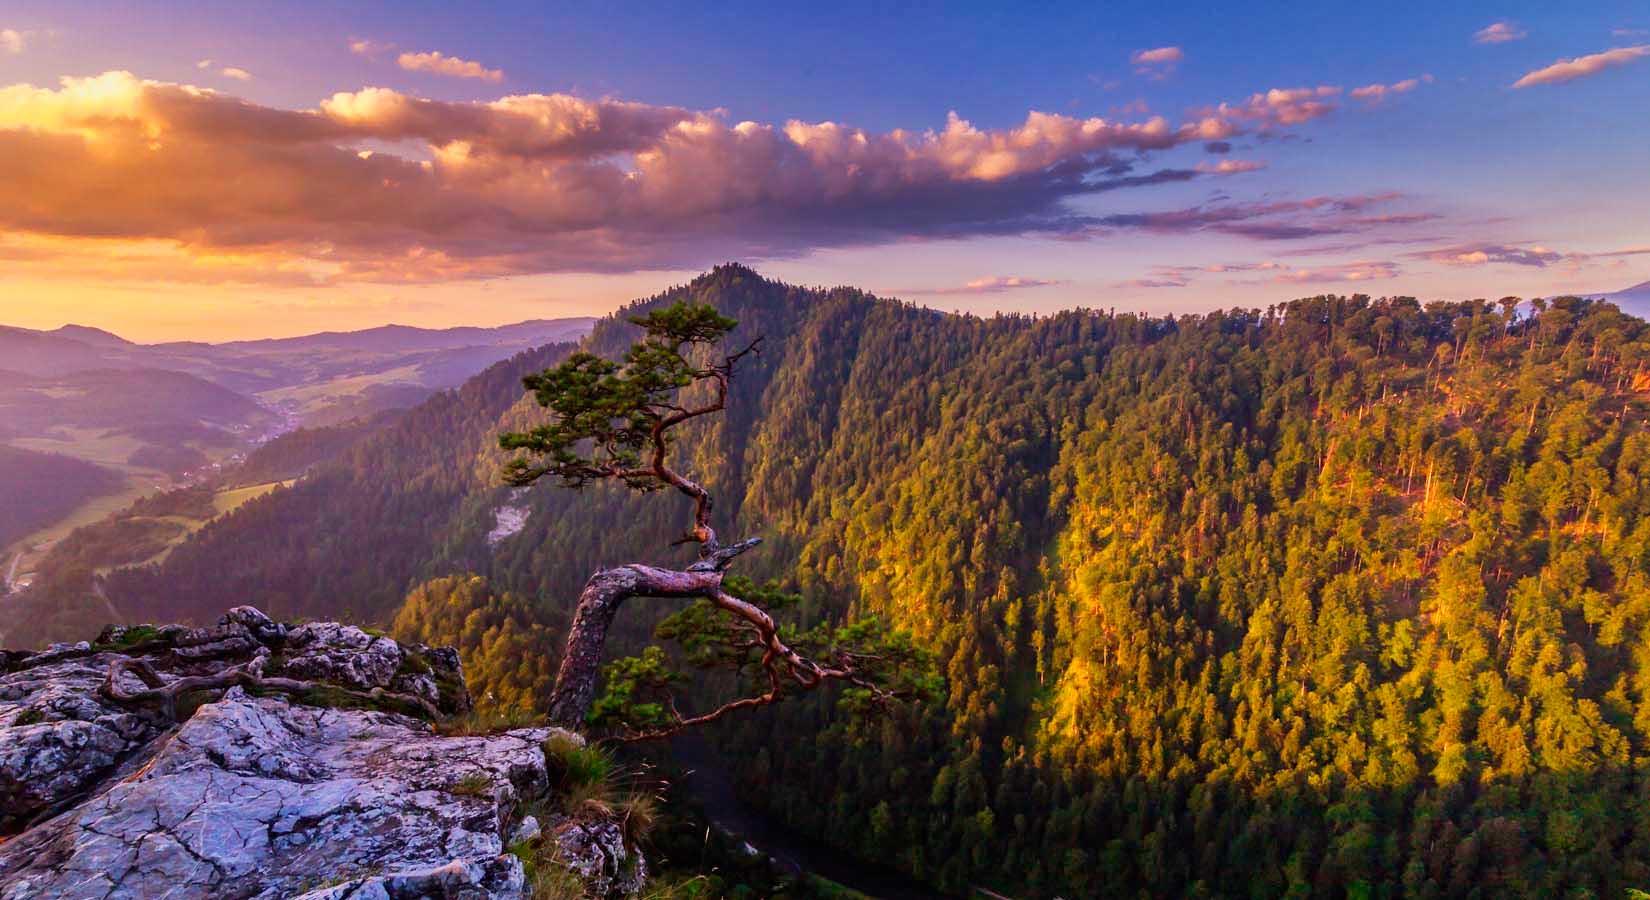 Fotografia ze szczytu góry